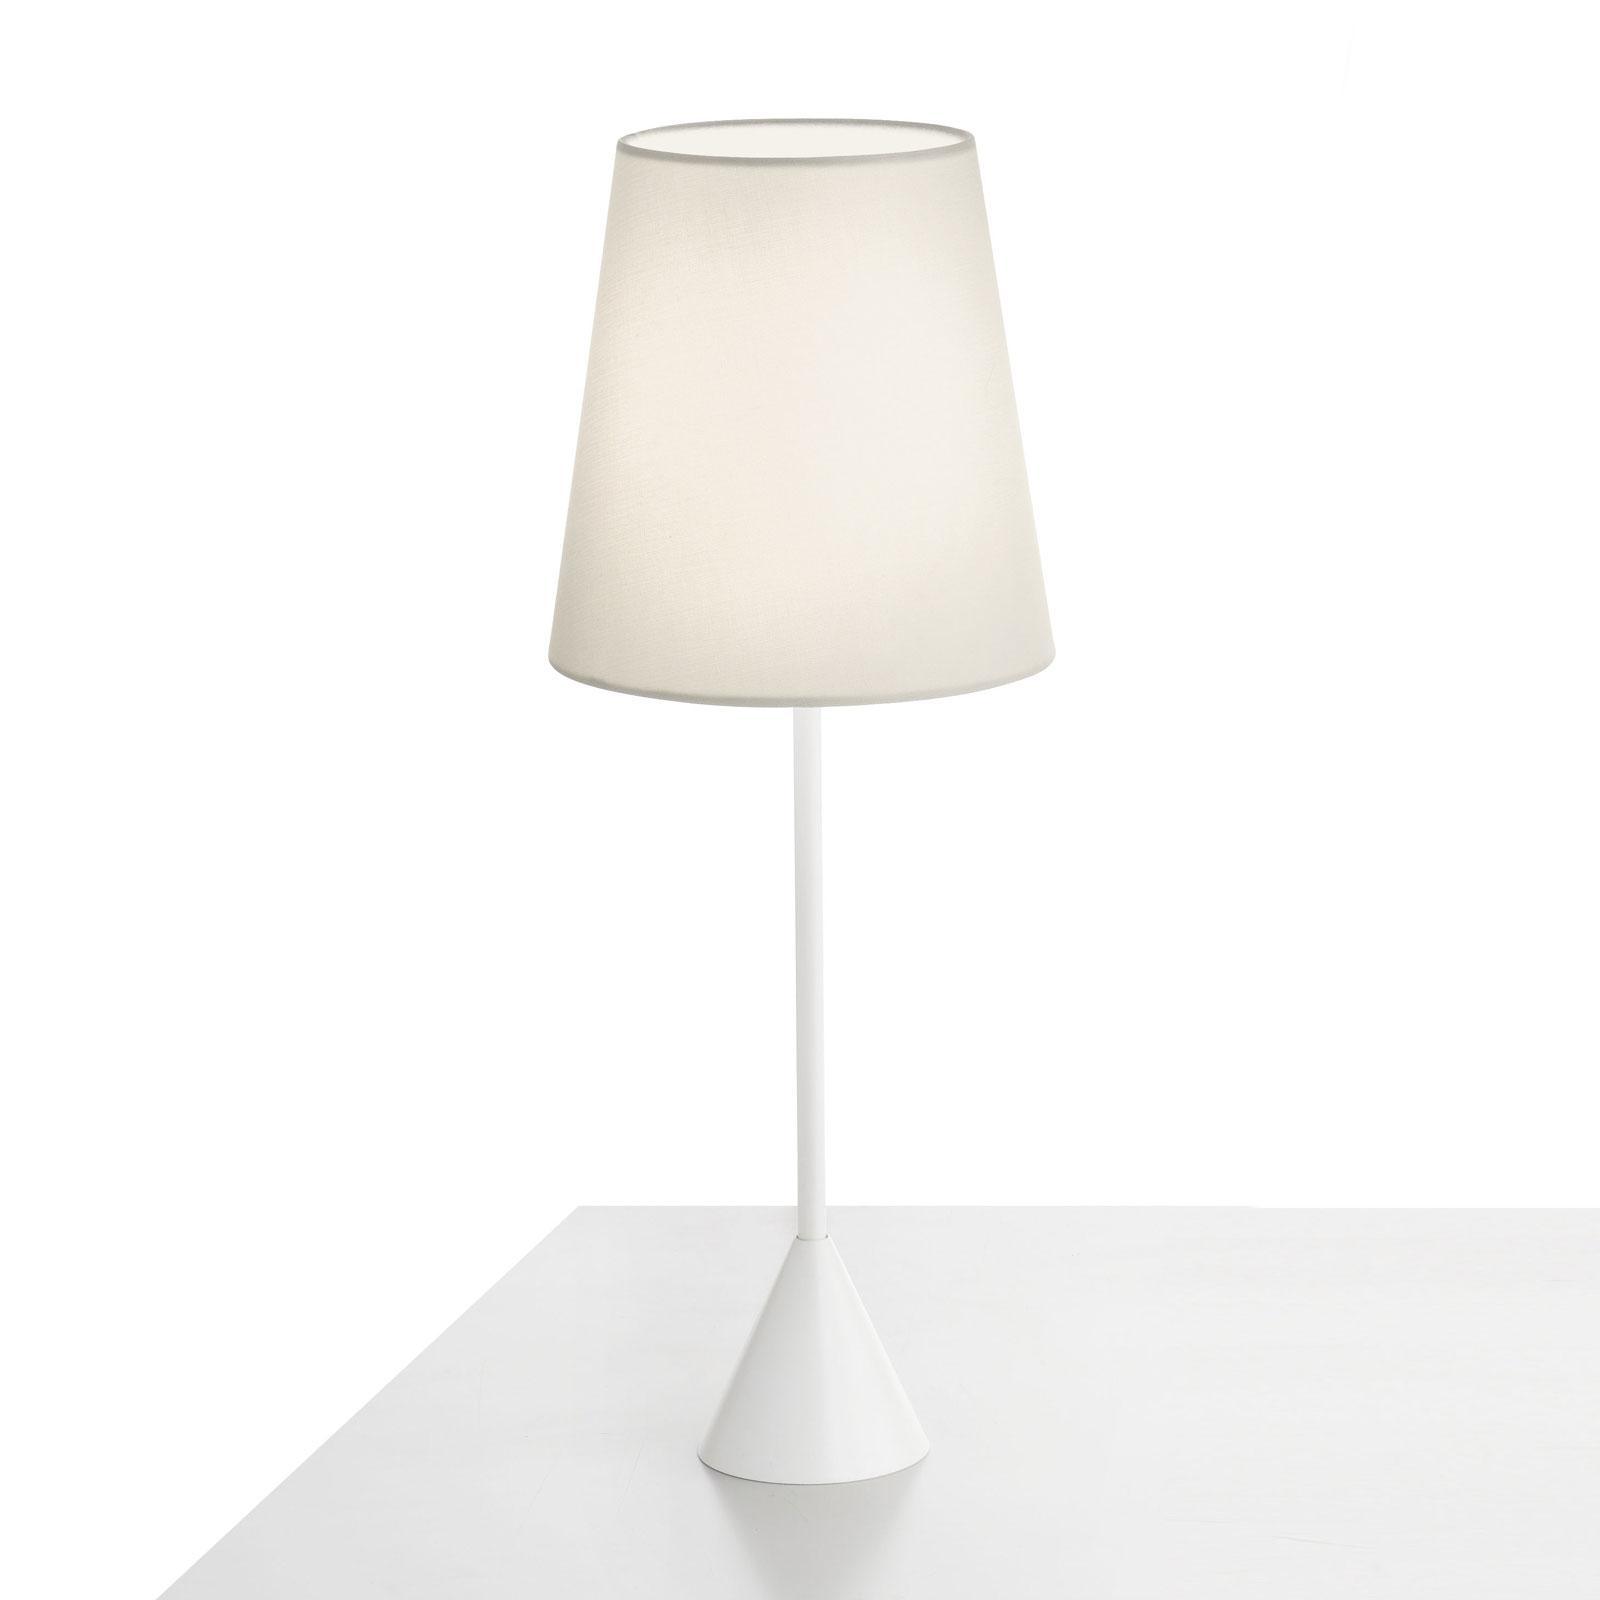 Acquista Modo Luce Lucilla da tavolo Ø 17cm bianco/avorio